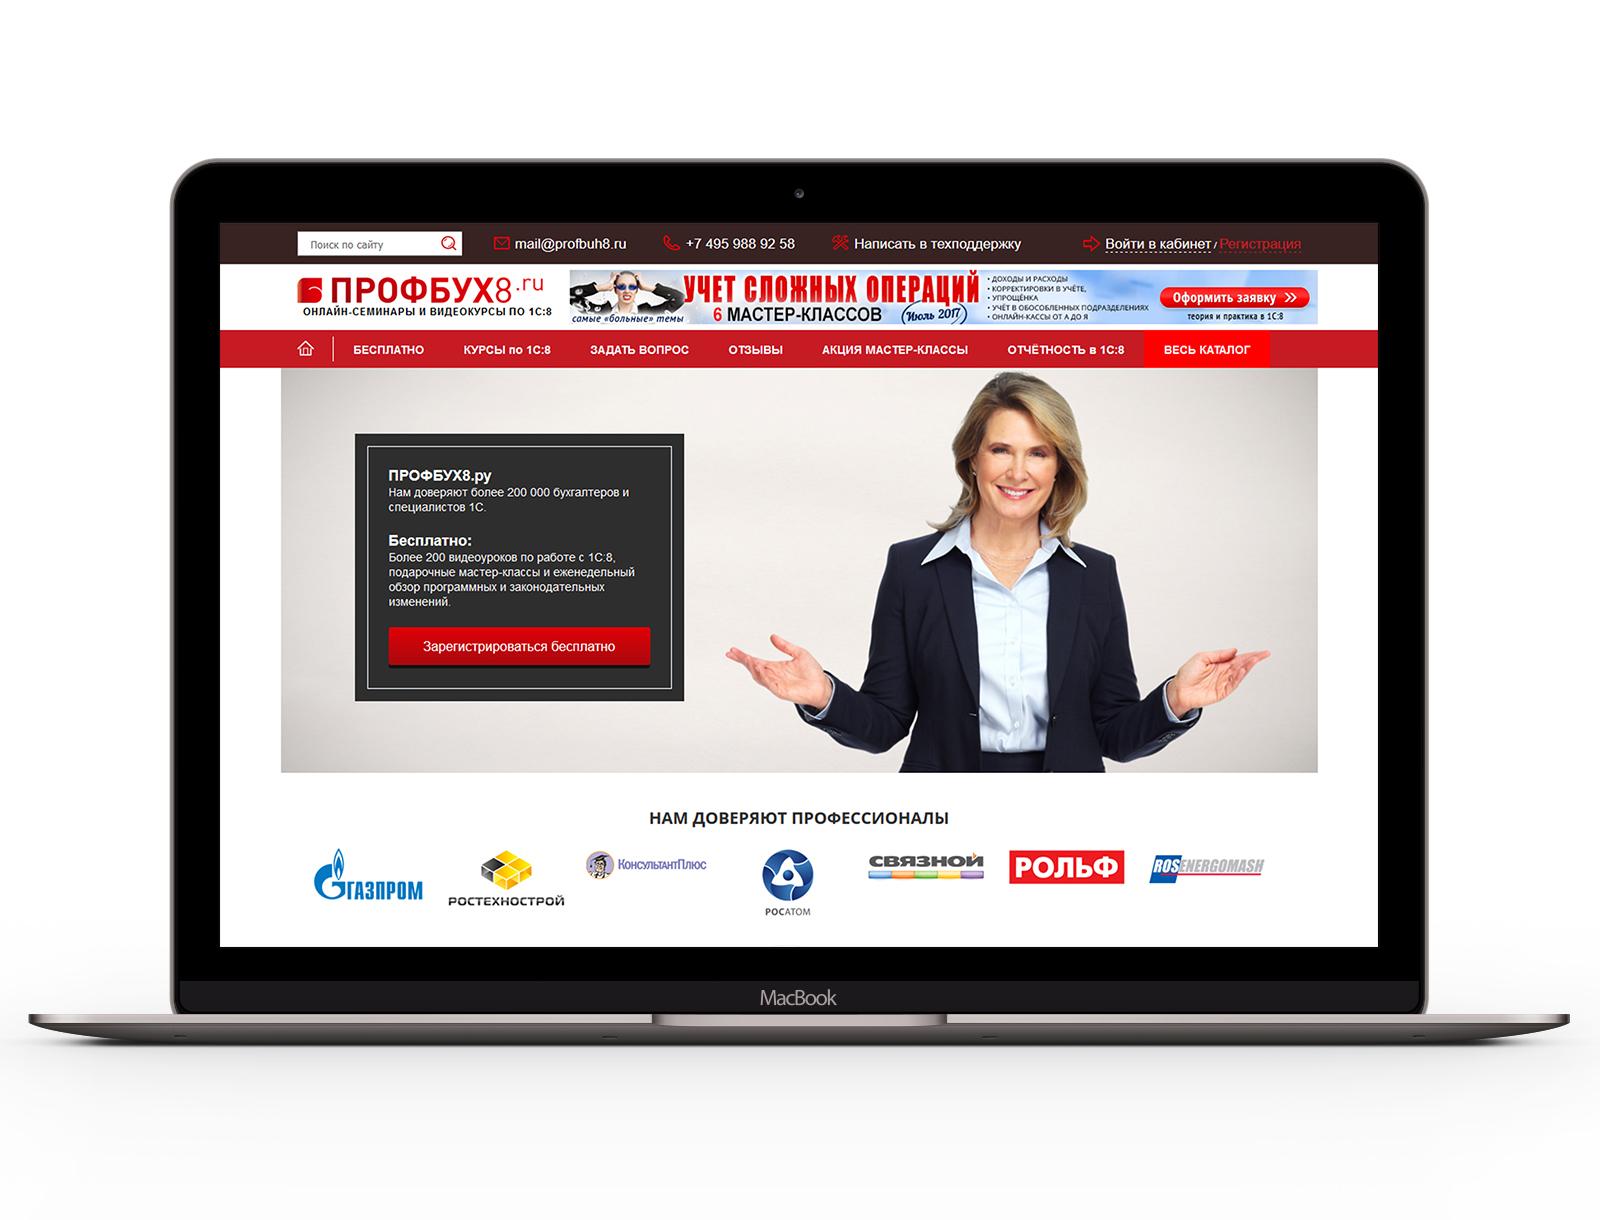 Дизайн корпоративного сайта Профбух8.ру